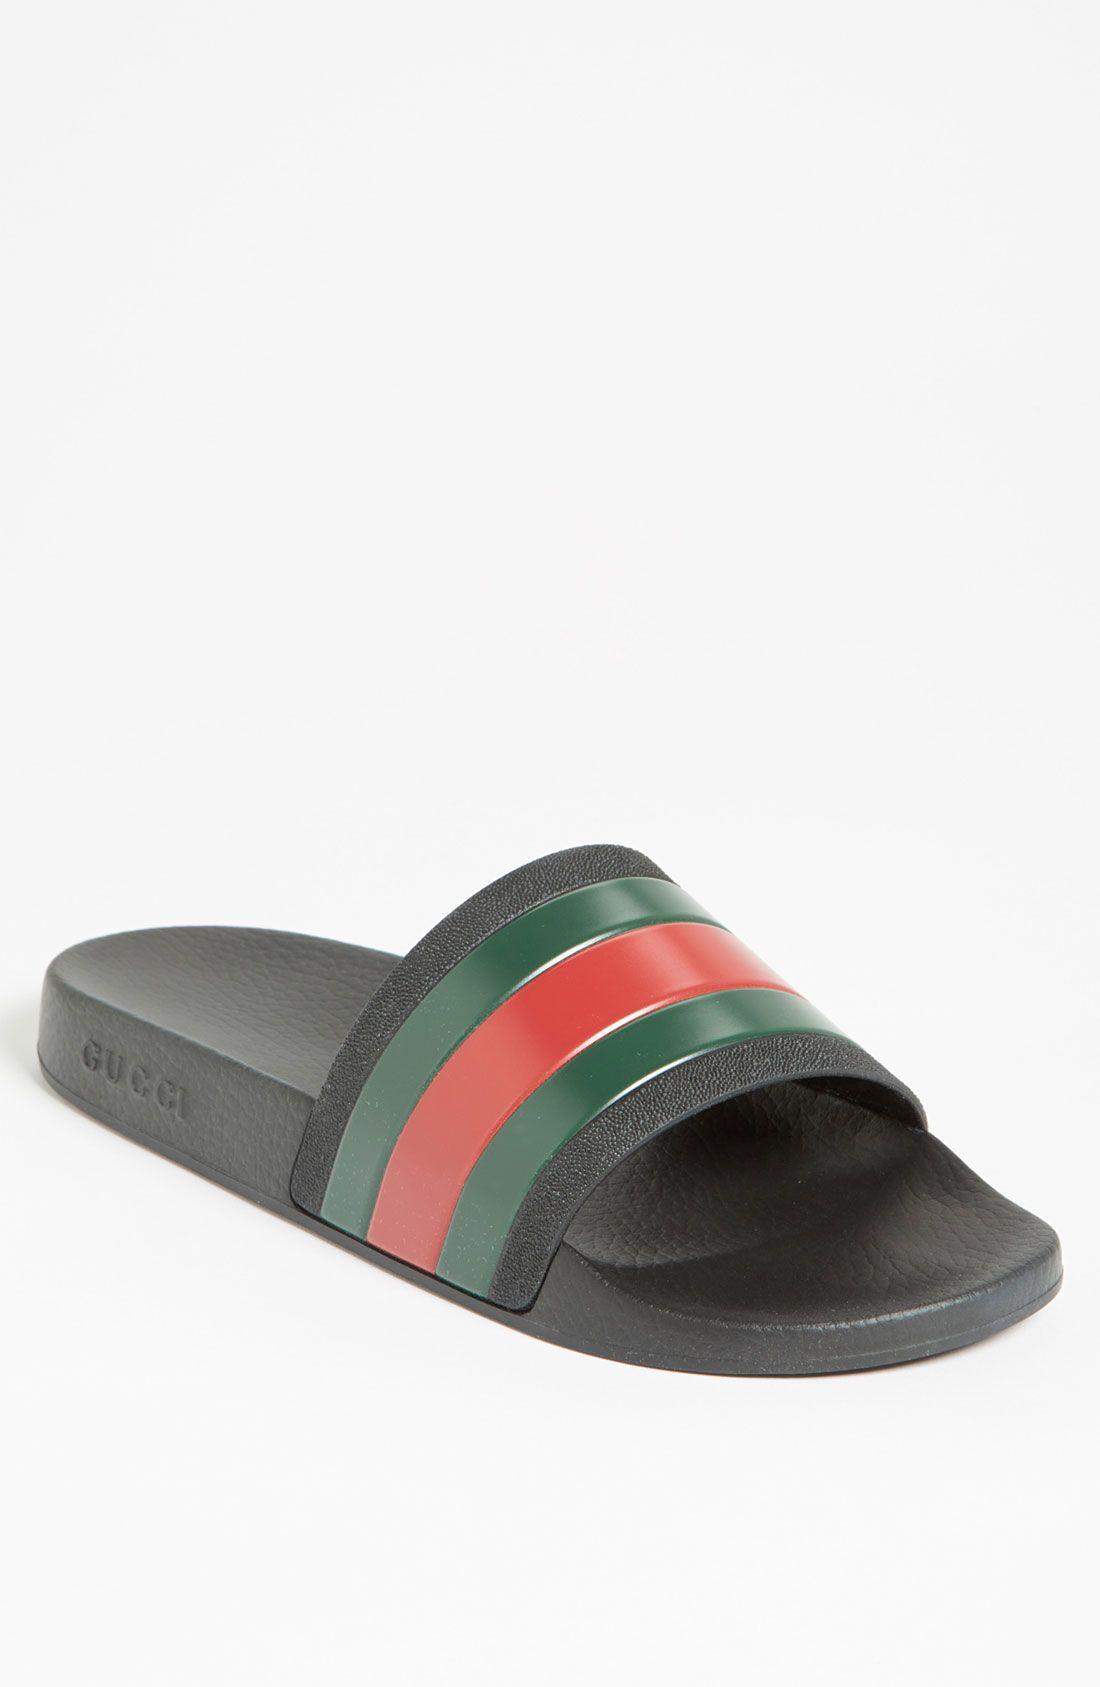 1820b2310bc1 Gucci  Pursuit  72 Slide  Sandal